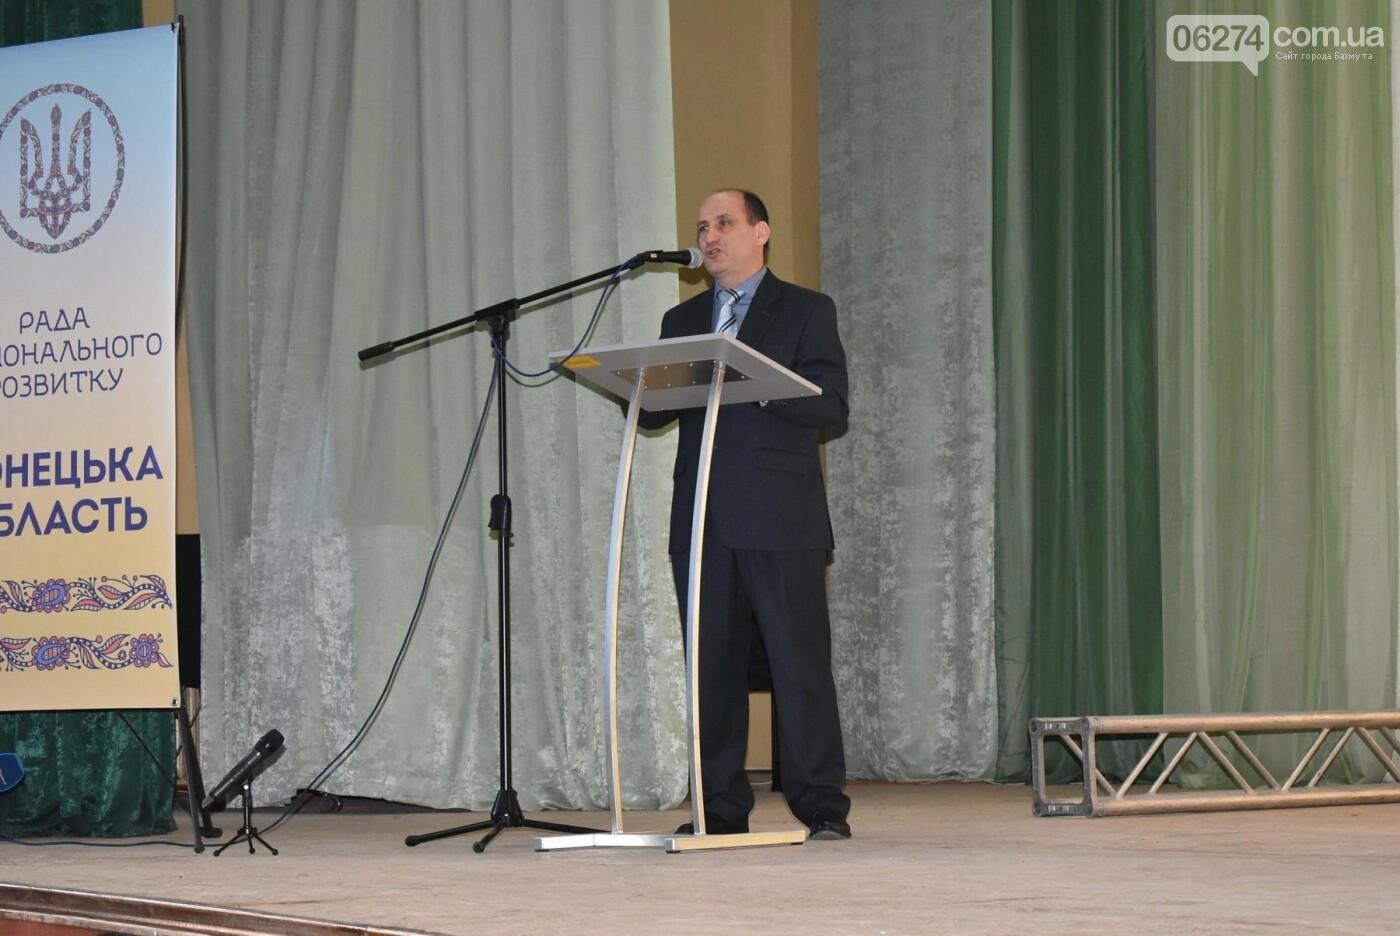 Городской голова Бахмута принял участие в заседании Совета регионального развития Донецкой области, фото-3